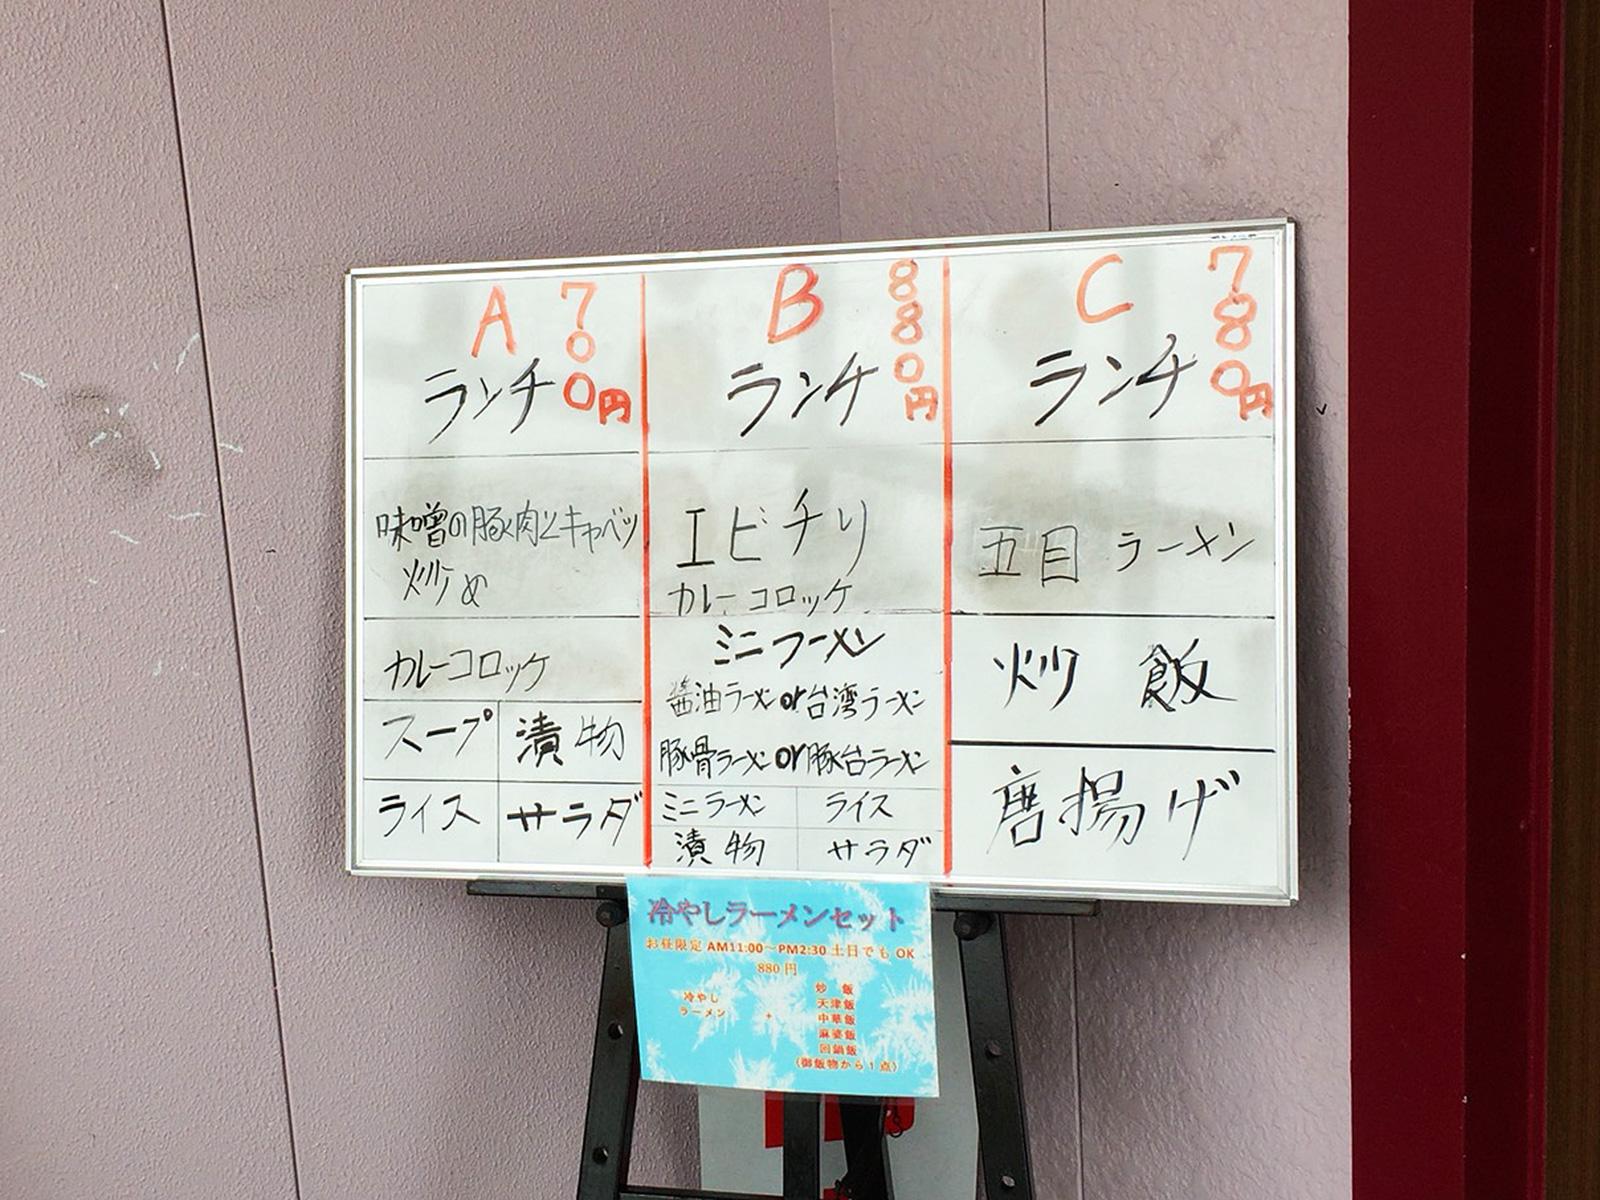 「長楽園」の五目ラーメン唐揚げ炒飯ランチ @尾張星の宮